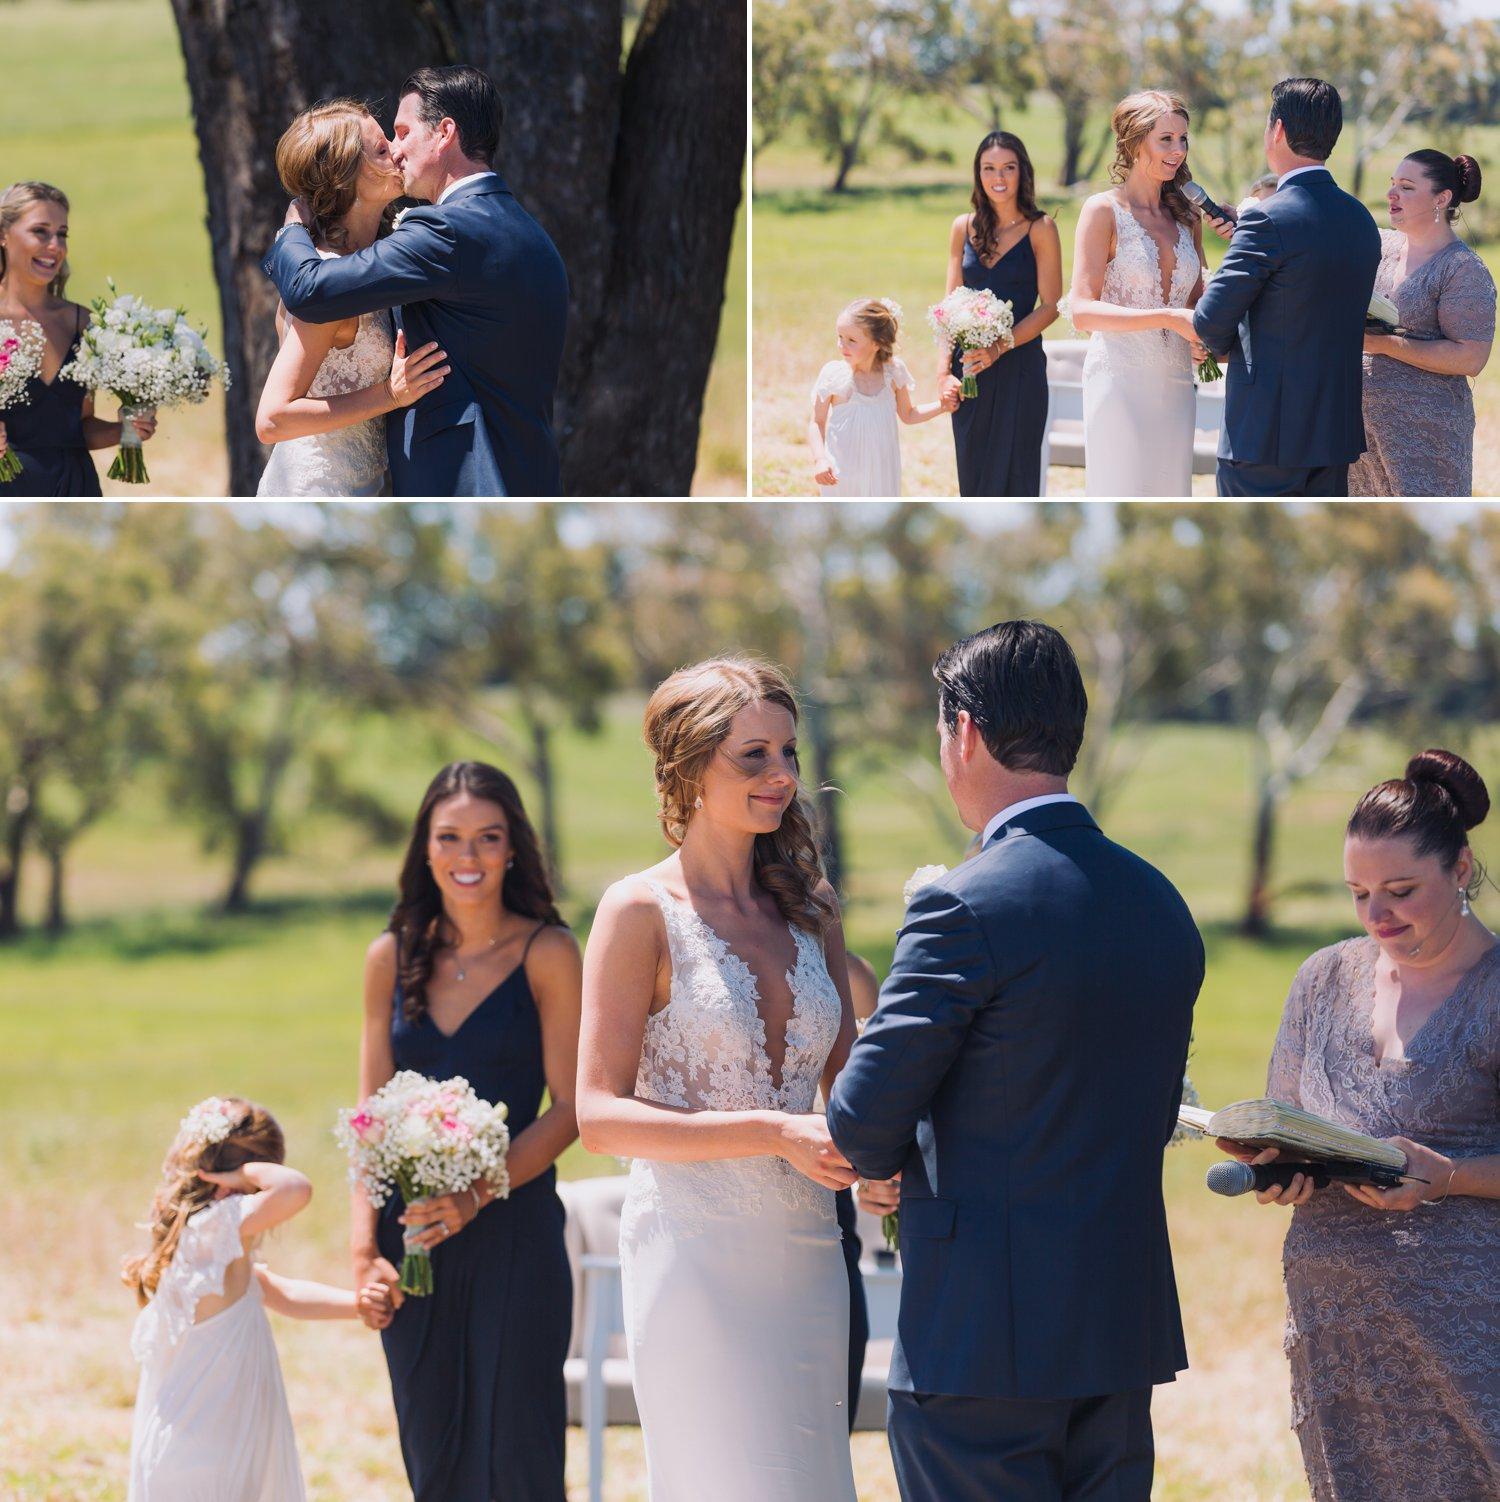 Tim & Carolyn_Millthorpe wedding photography_feather and birch_ 16.jpg